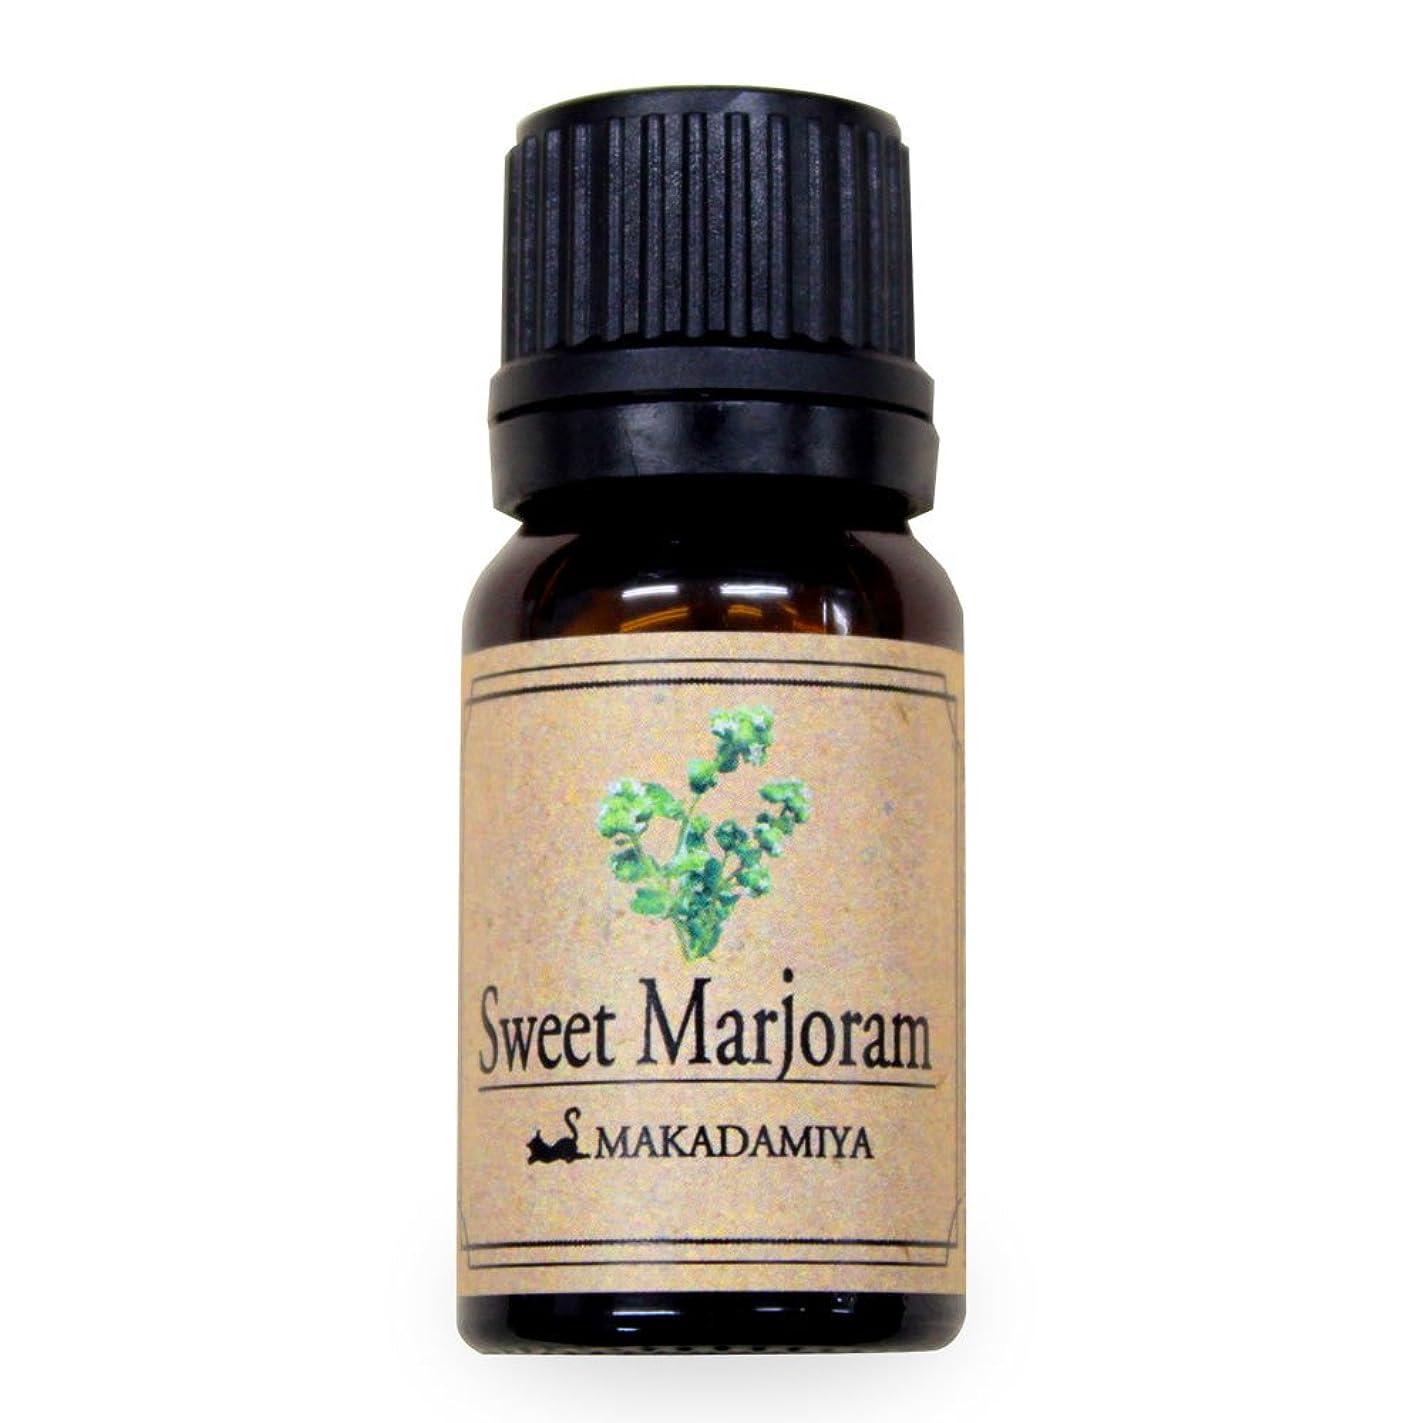 ブラウズ頬人スイートマージョラム10ml 天然100%植物性 エッセンシャルオイル(精油) アロマオイル アロママッサージ aroma Sweet M.